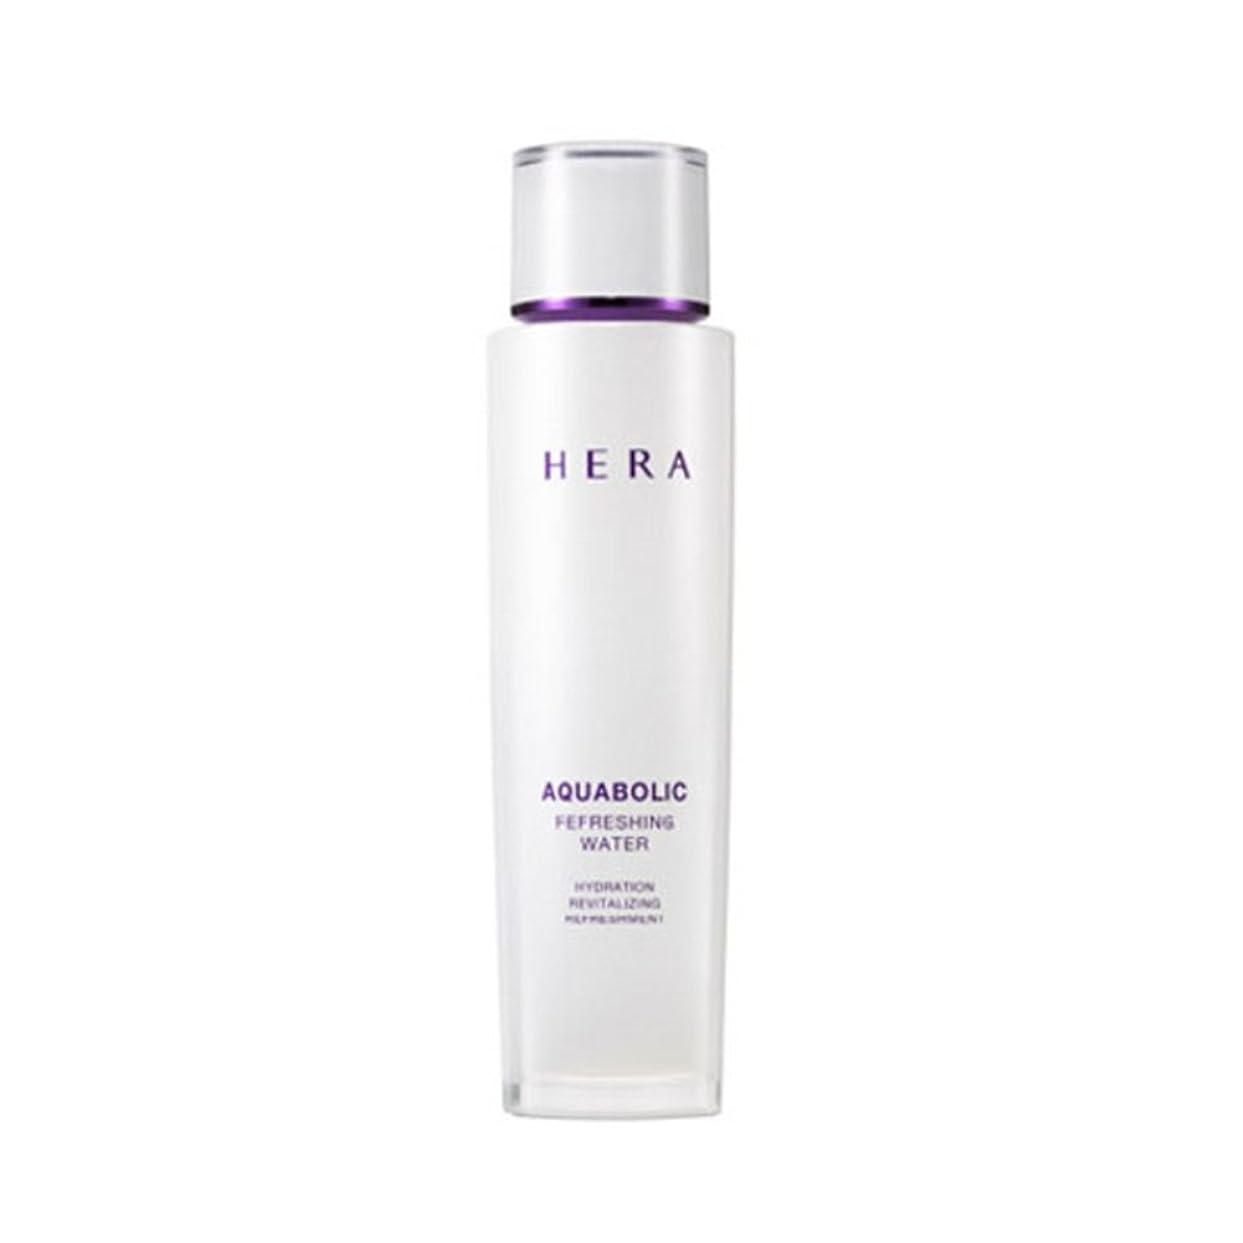 小康過ちアシスト(ヘラ) HERA Aquabolic Refreshing Water アクアボリックリフレッシュウォーター (韓国直発送) oopspanda